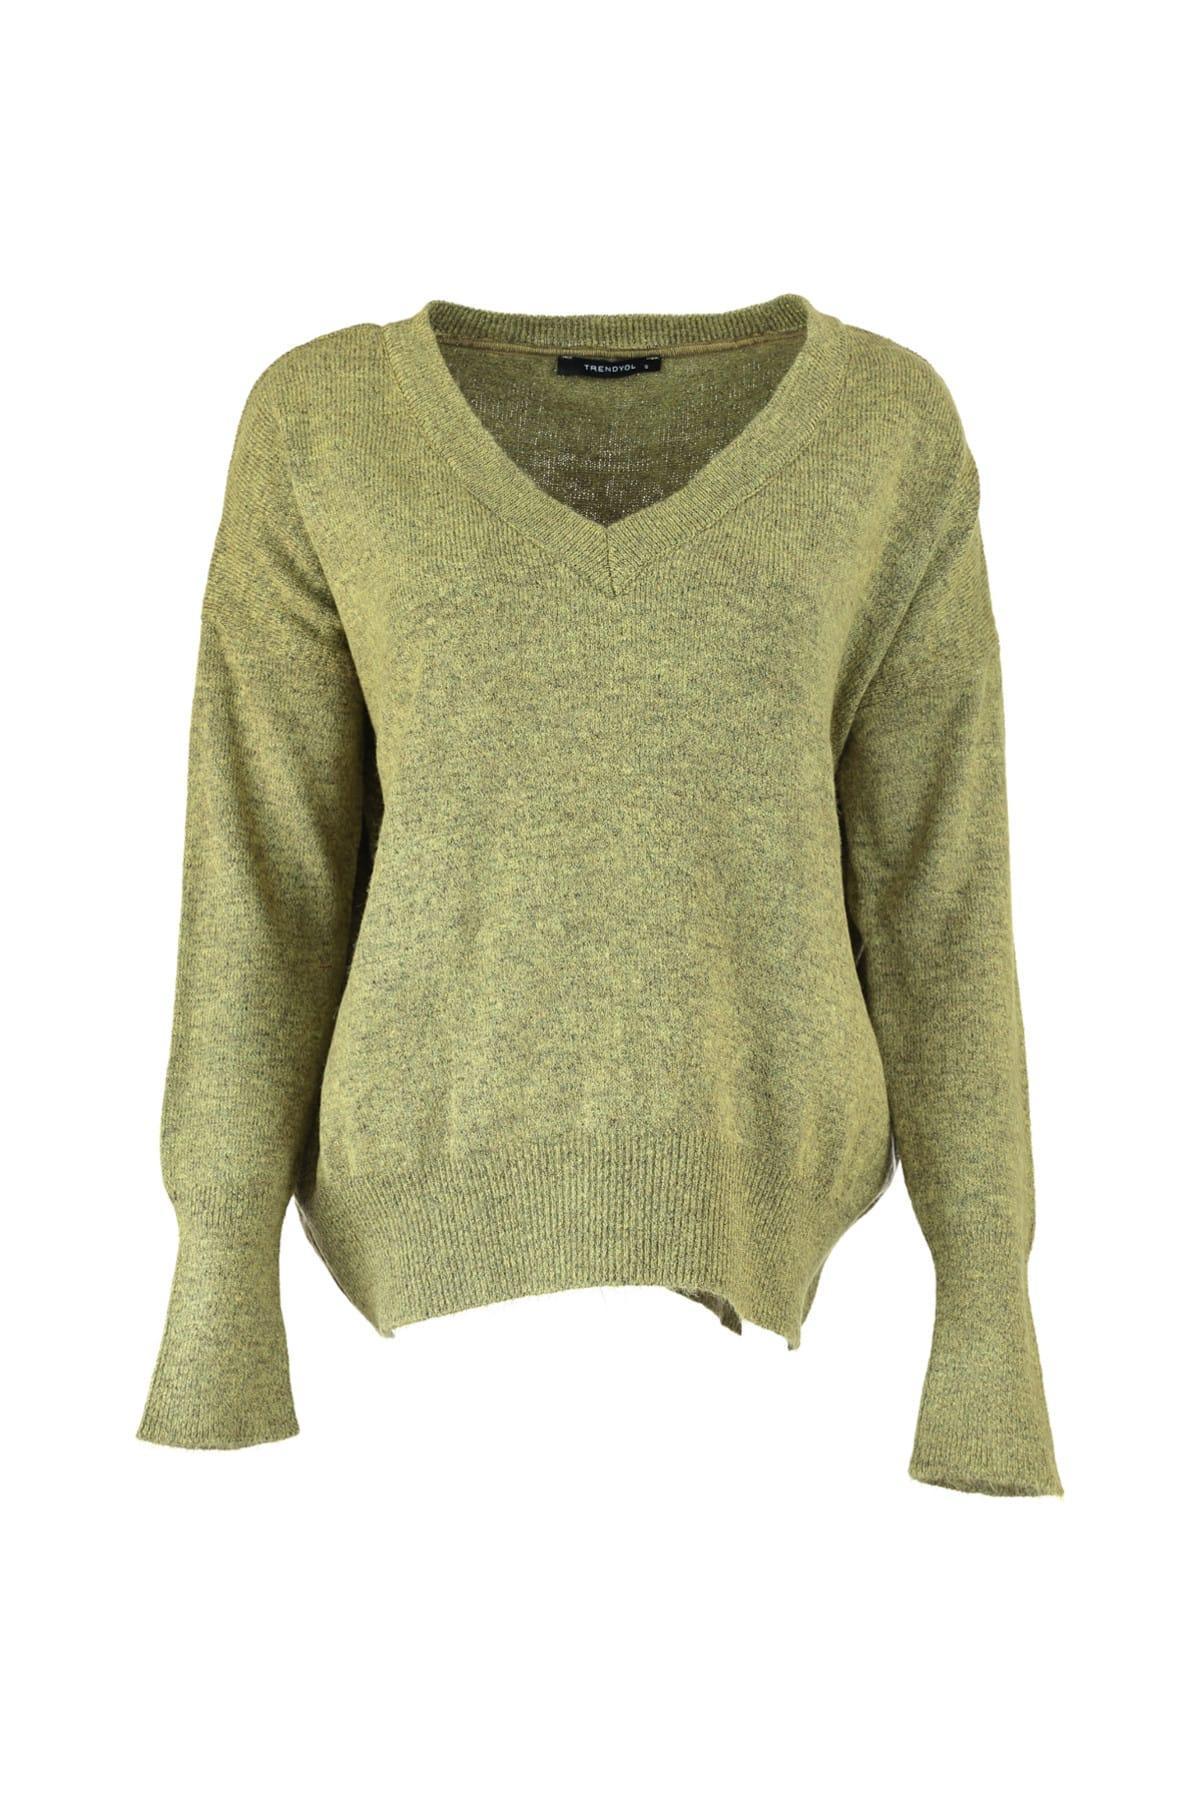 Trendyol WOMEN-Khaki V-Neck Knitwear Sweater TWOAW20ZA0004